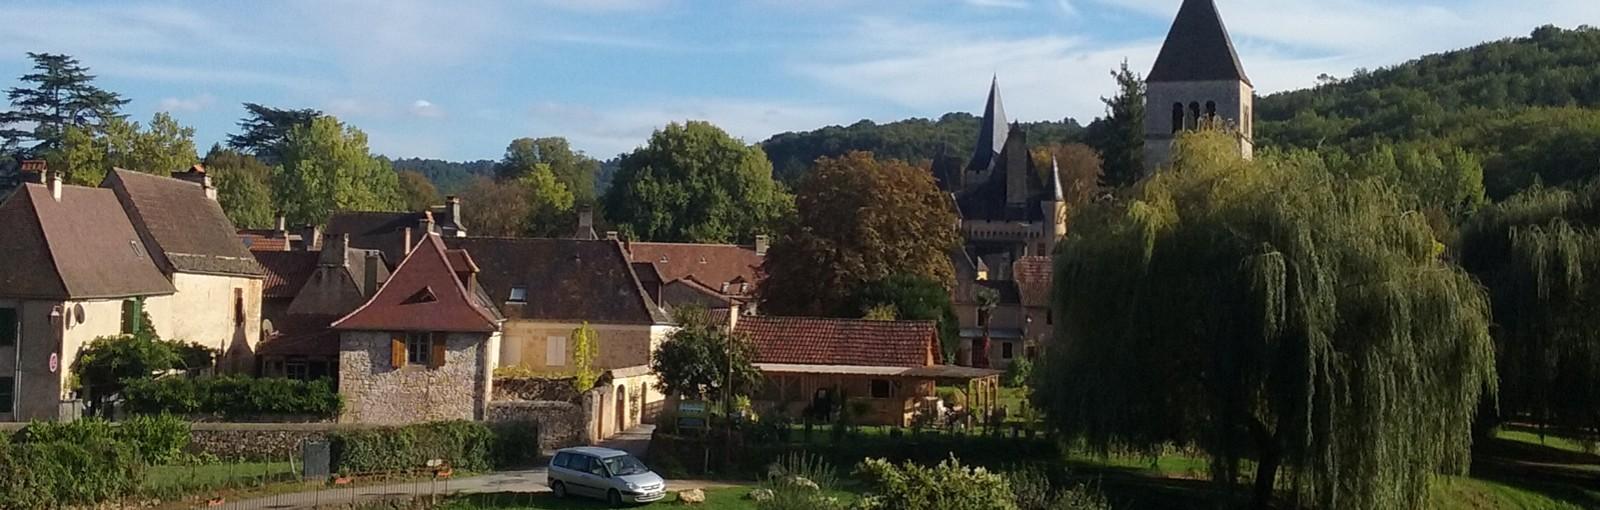 Tours Multi-days tours from Bordeaux or Sarlat - Dordogne & Aquitaine - Regional tours